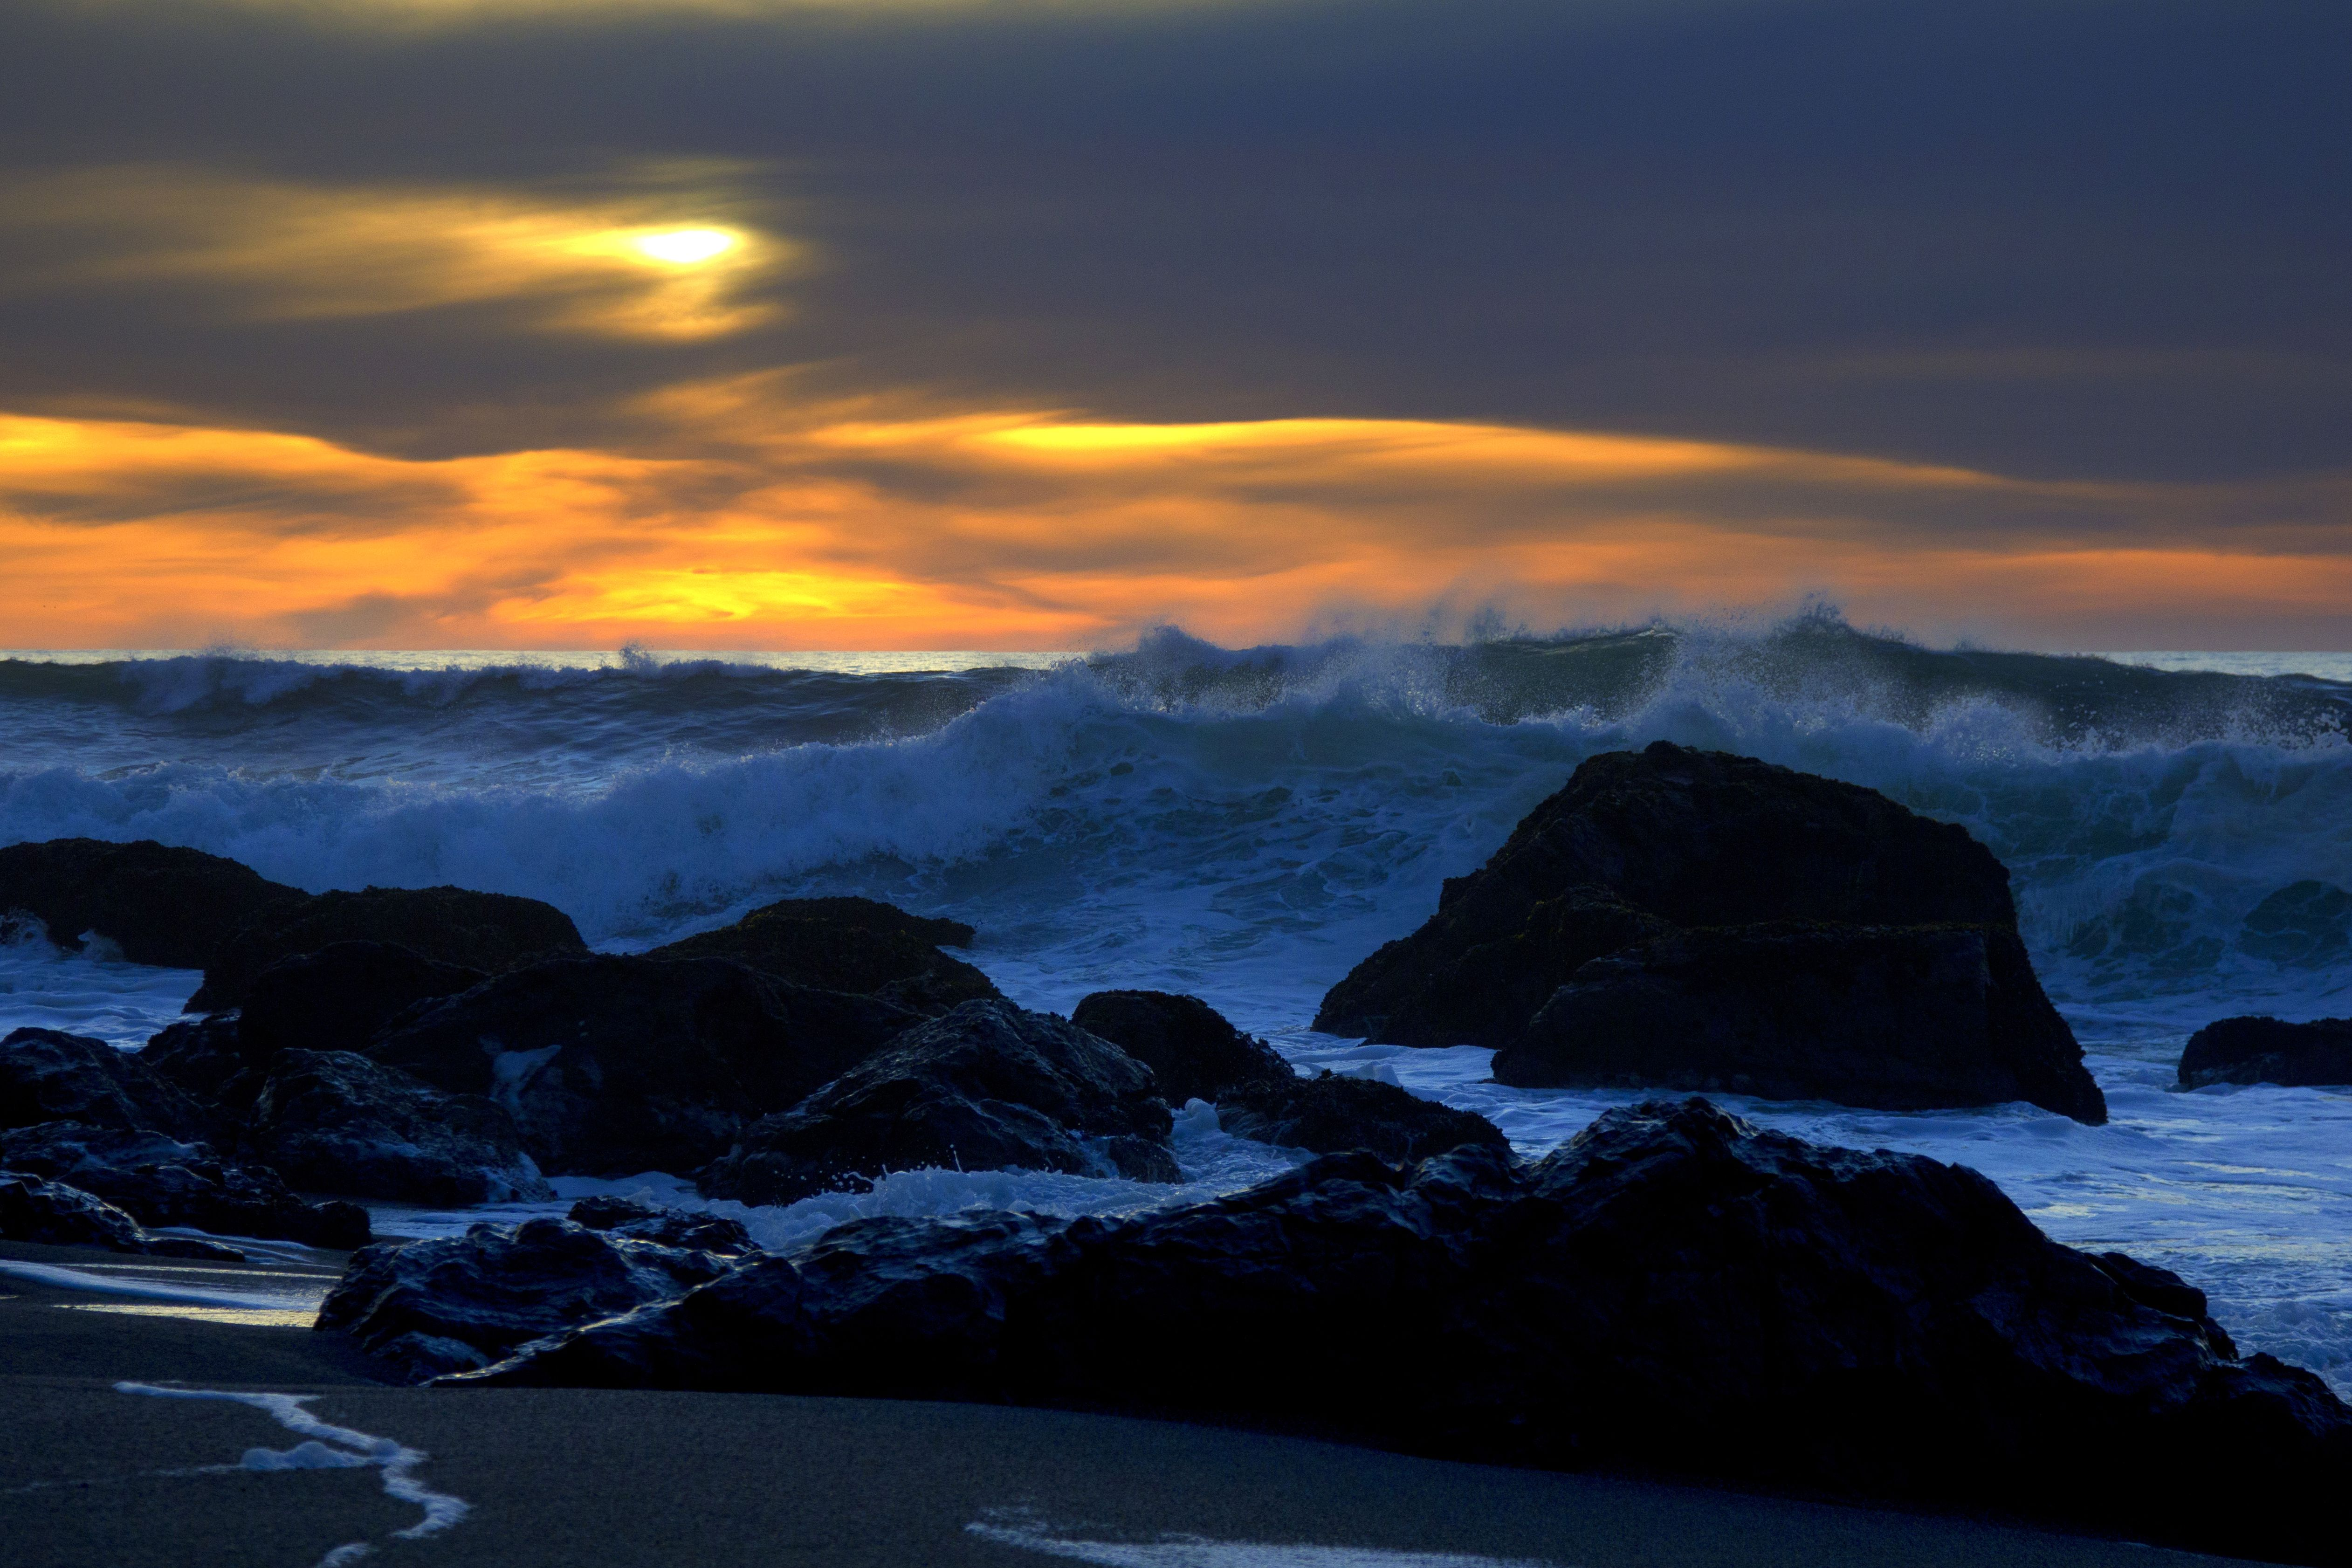 Scaricare gli sfondi tramonto mare onde paesaggio for Desktop gratis mare